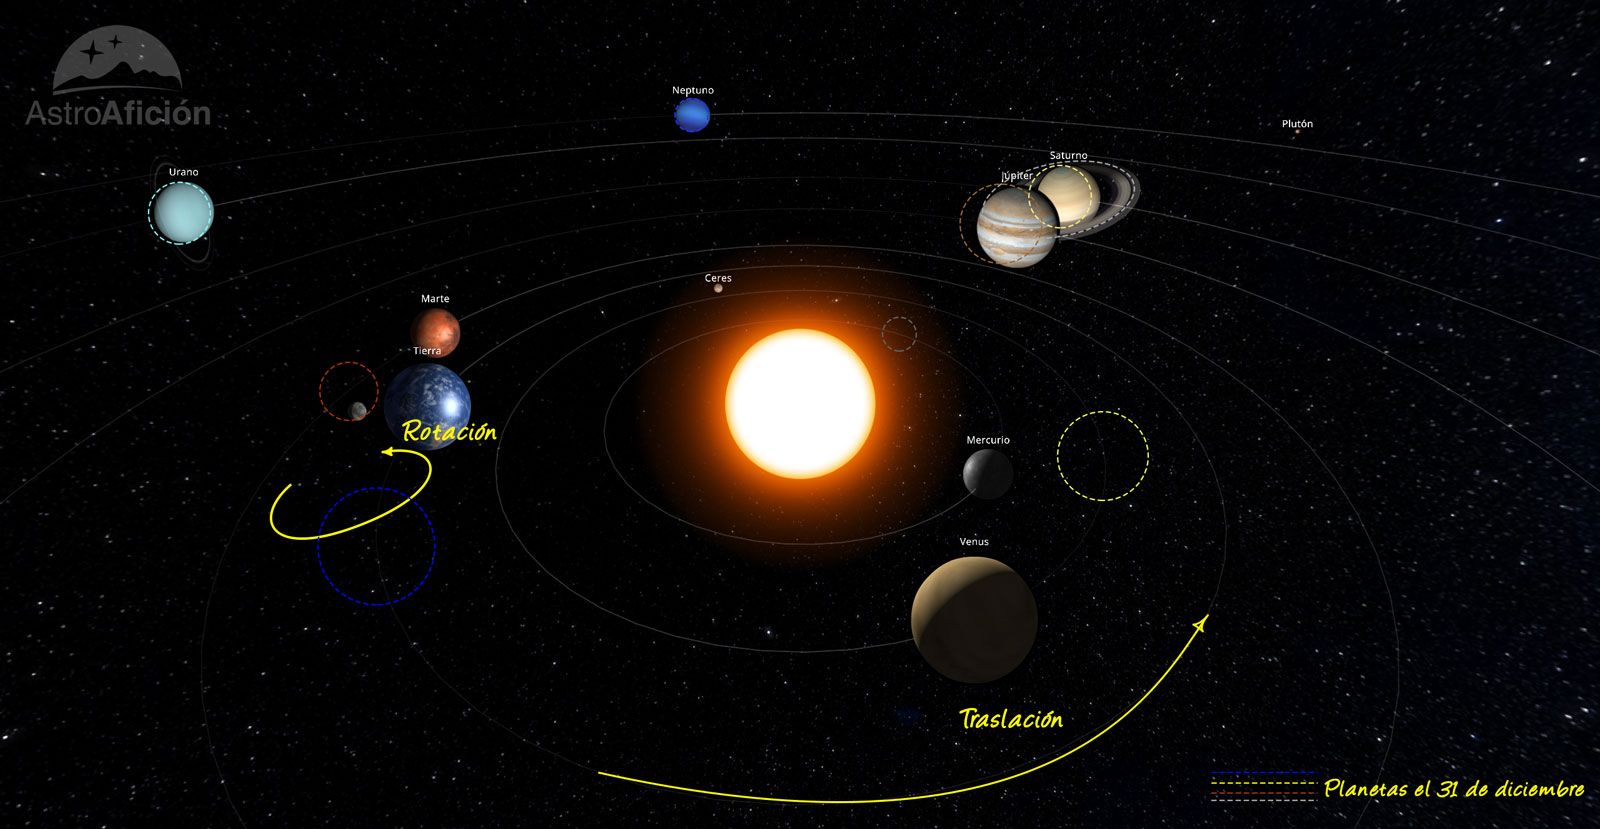 Simulación del Sistema Solar en diciembre de 2020